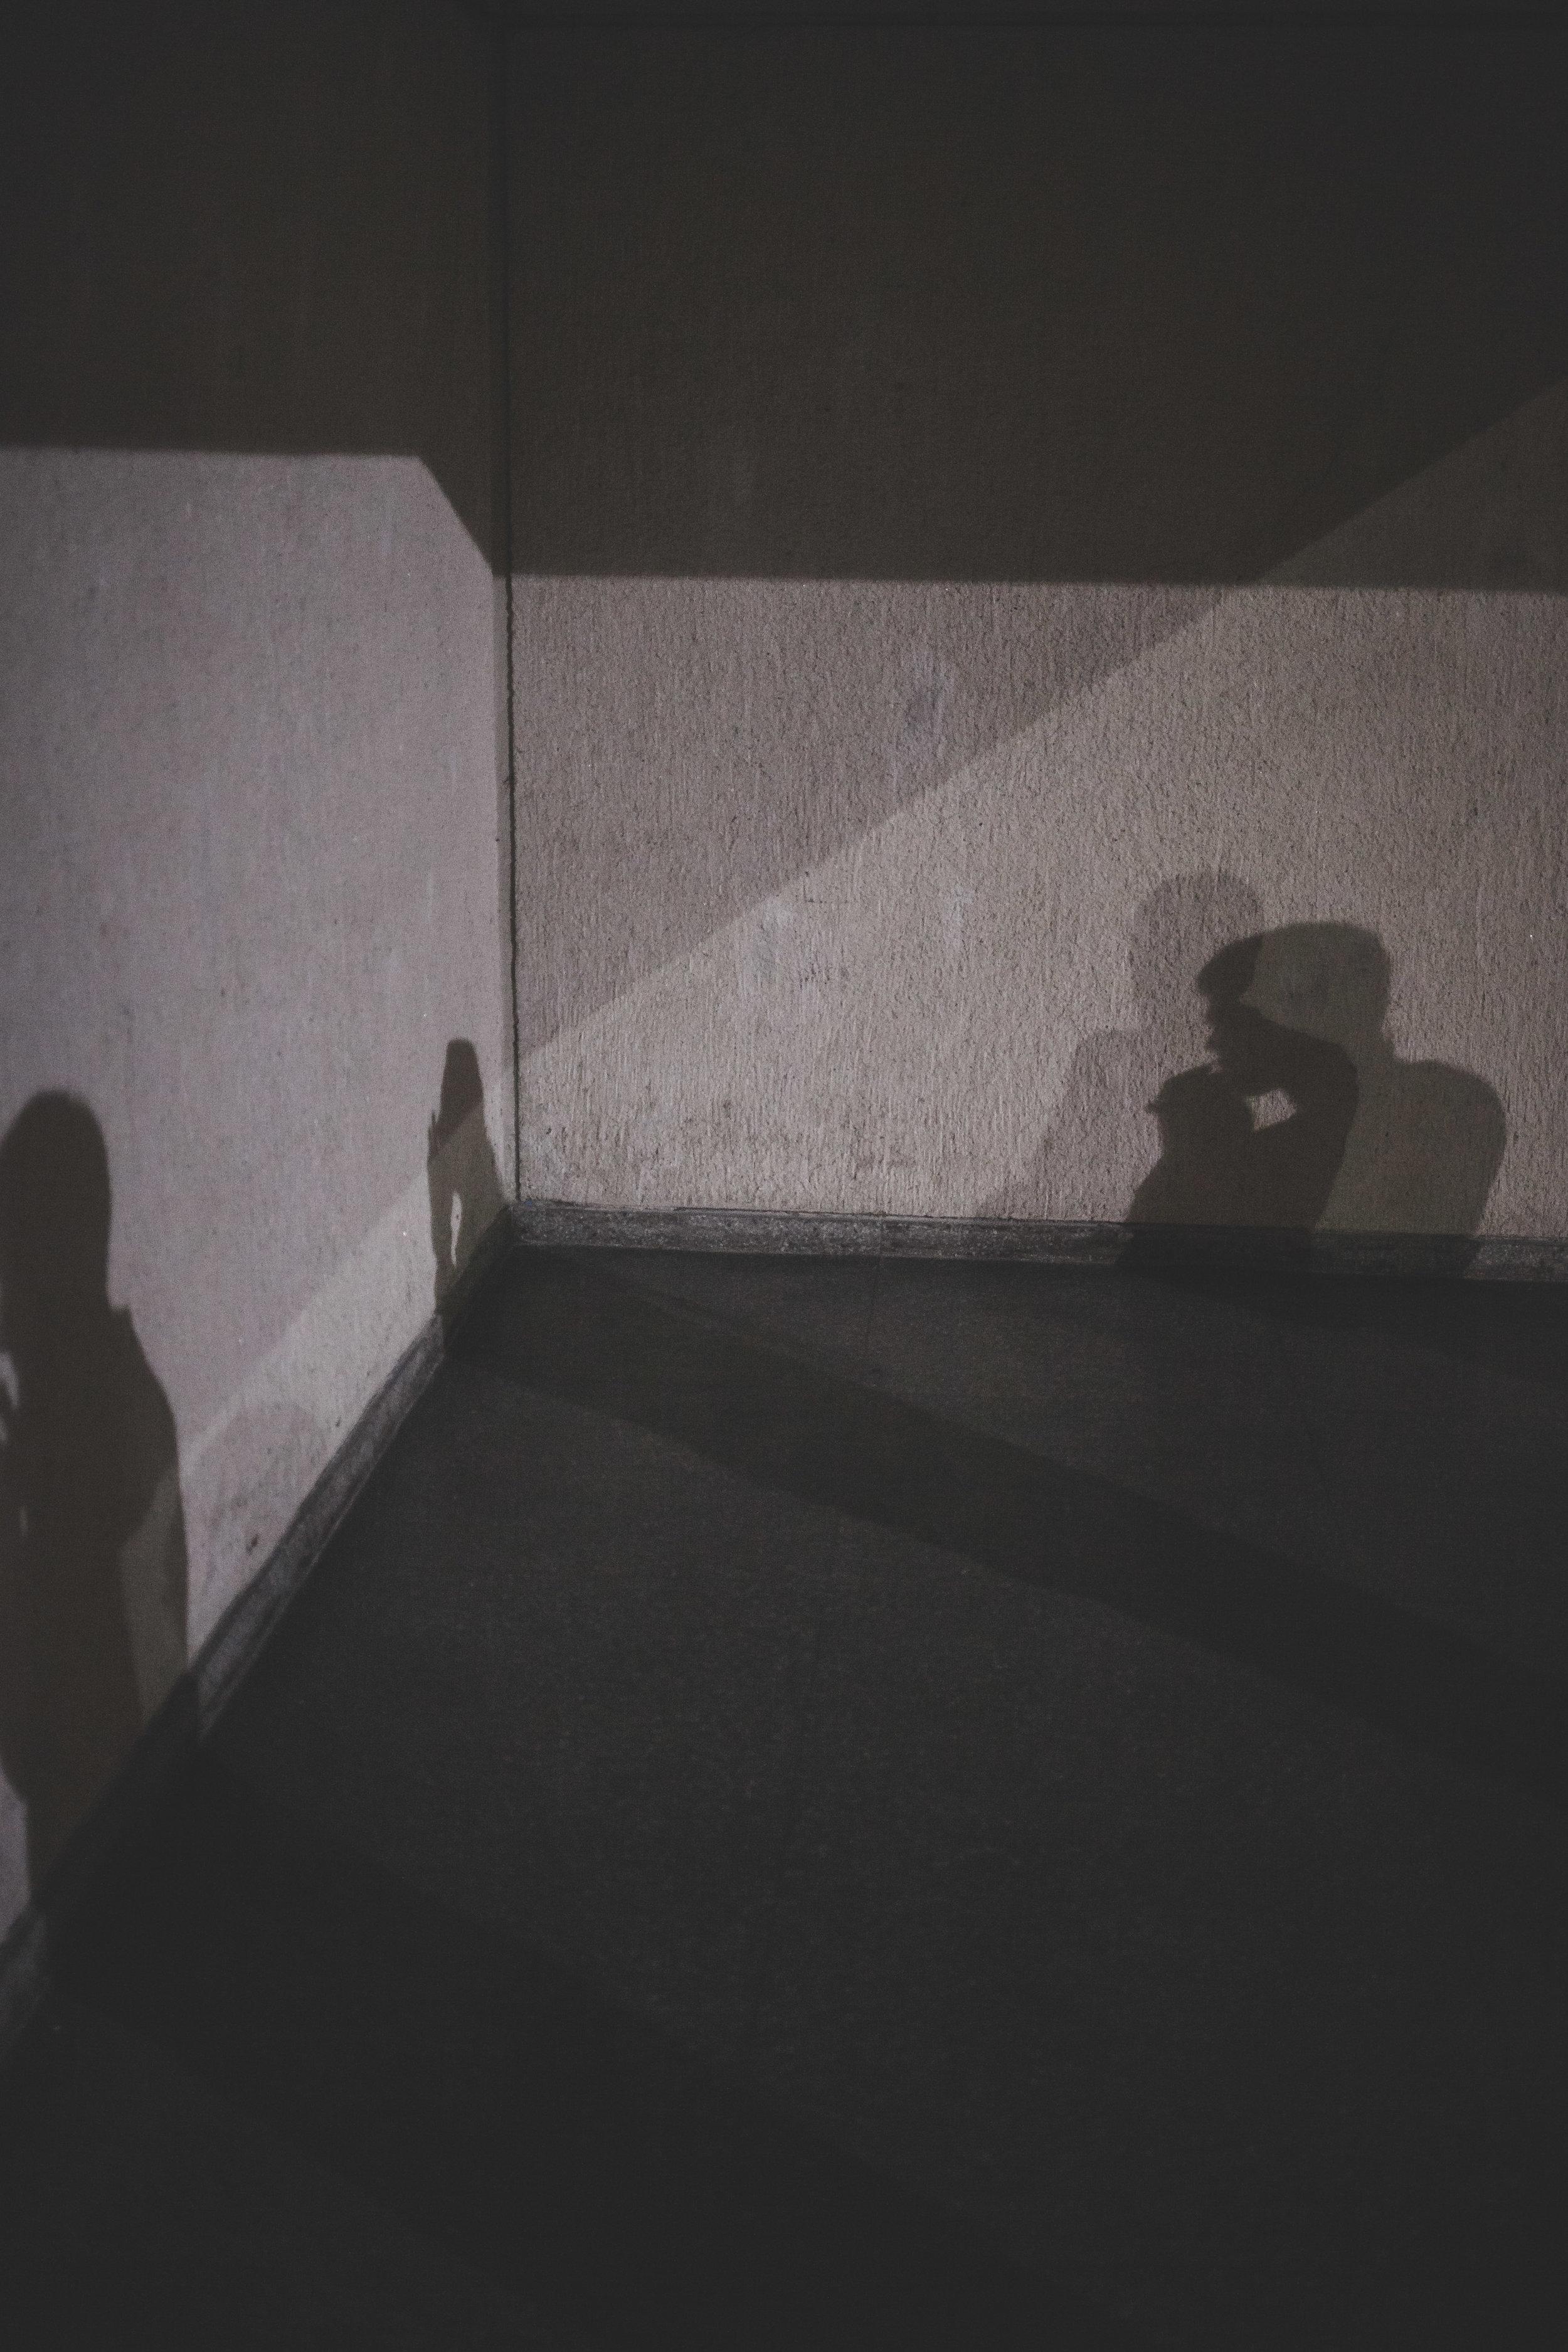 spengla_rehearsal (9 of 50).jpg